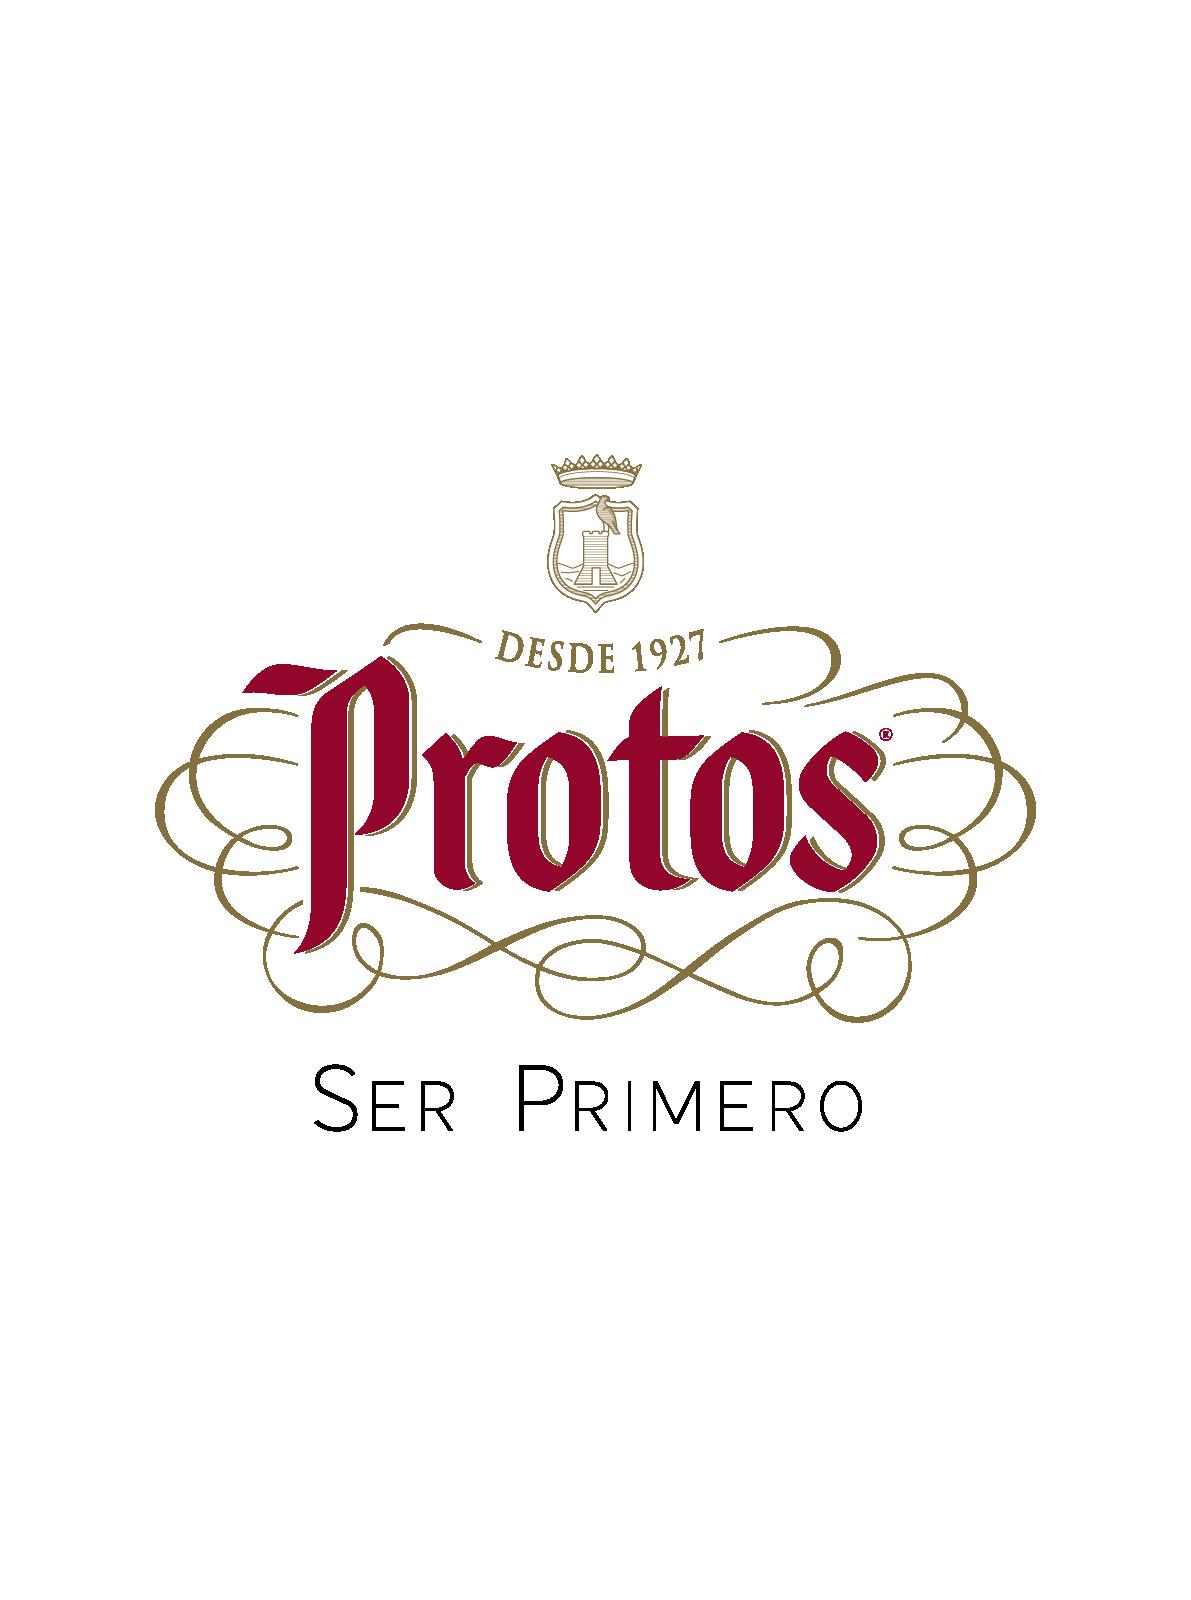 Descargar Logo Protos y Ser Primero